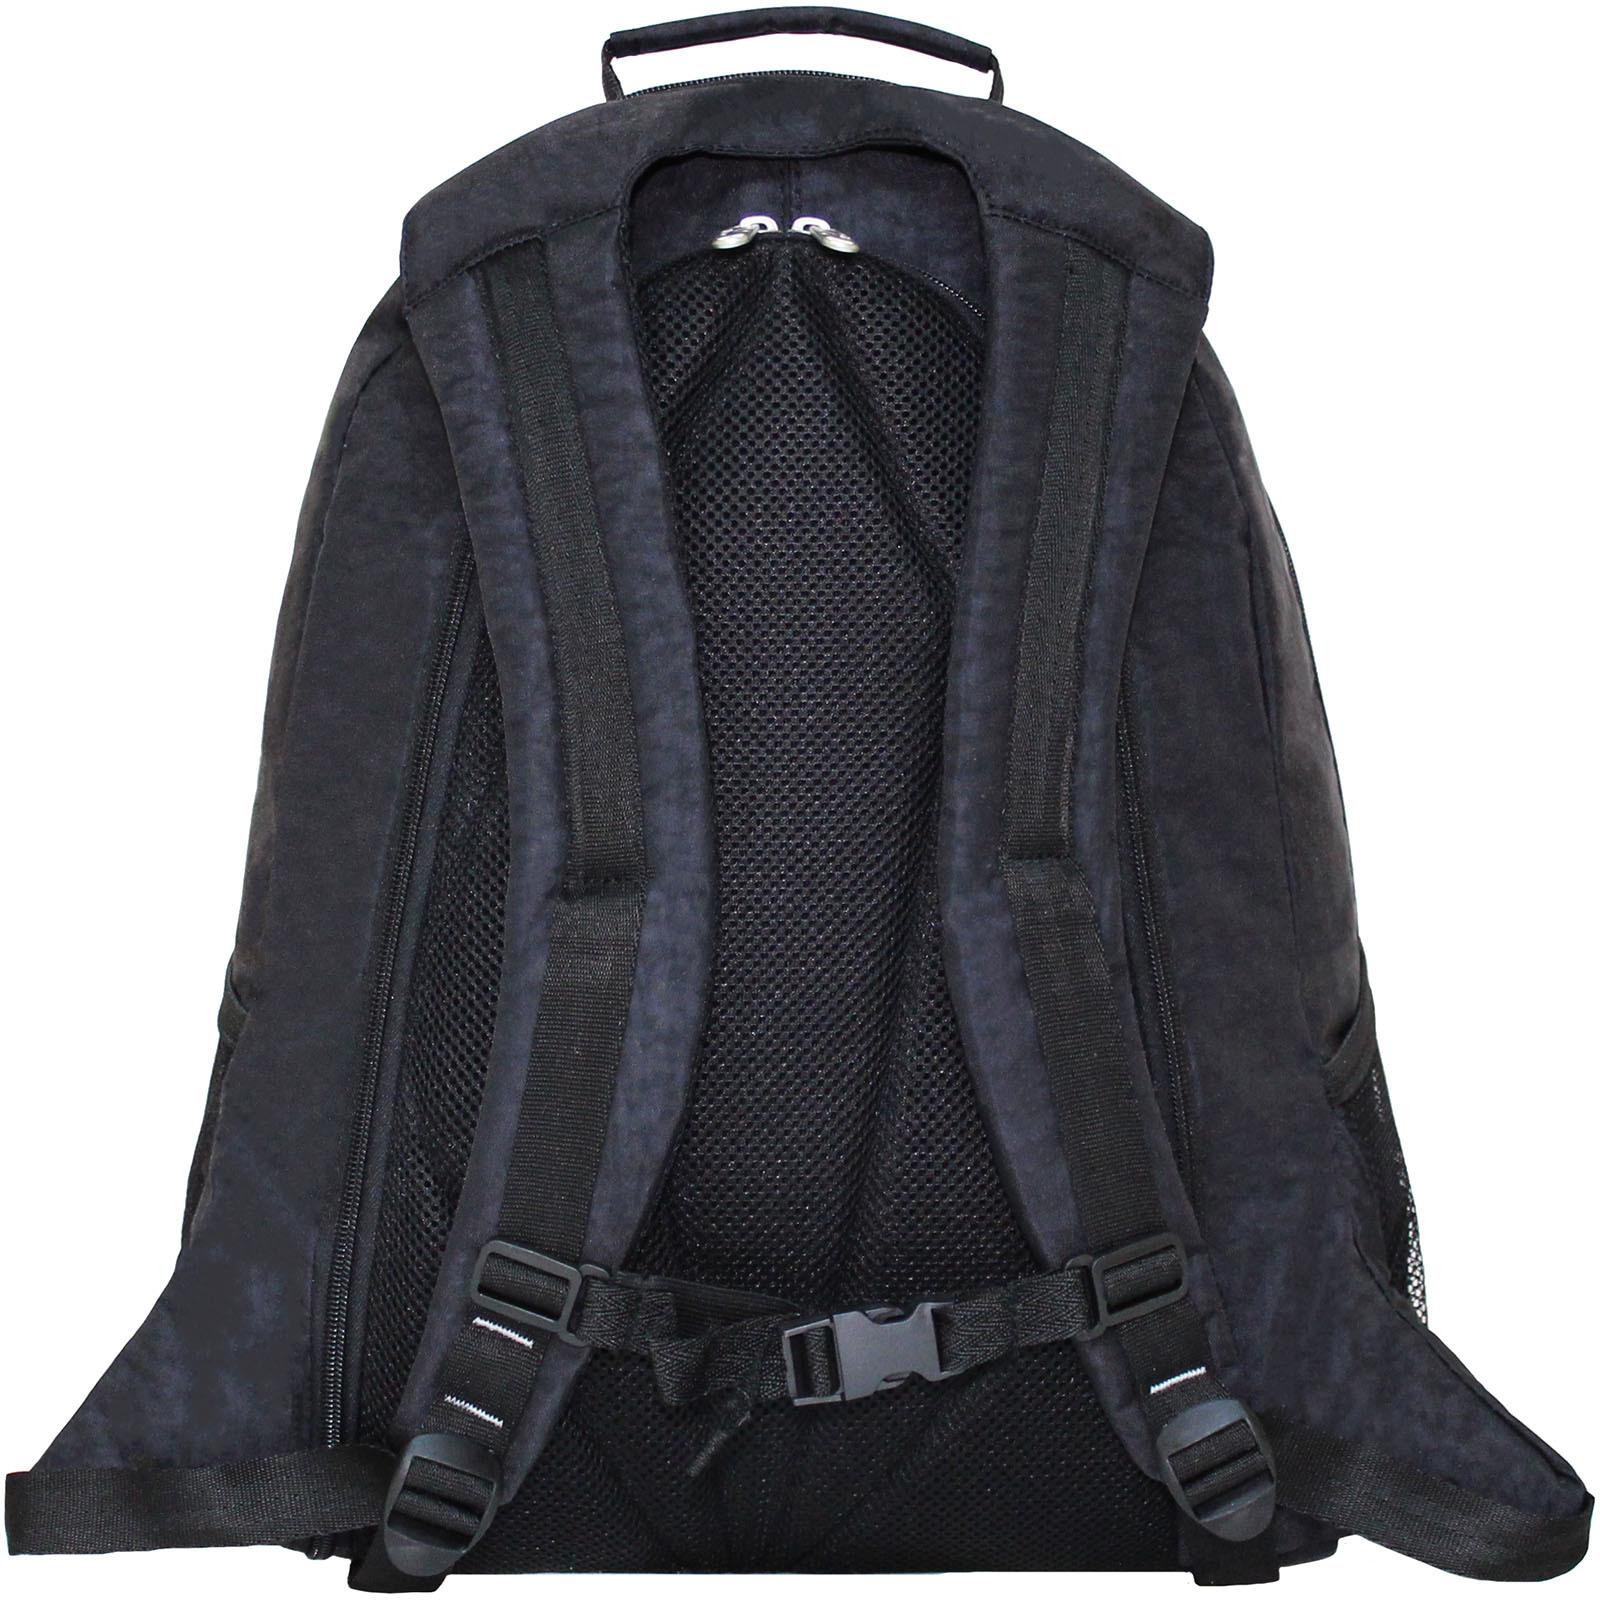 Рюкзак Bagland Сити max 34 л. Чёрный (0053970)